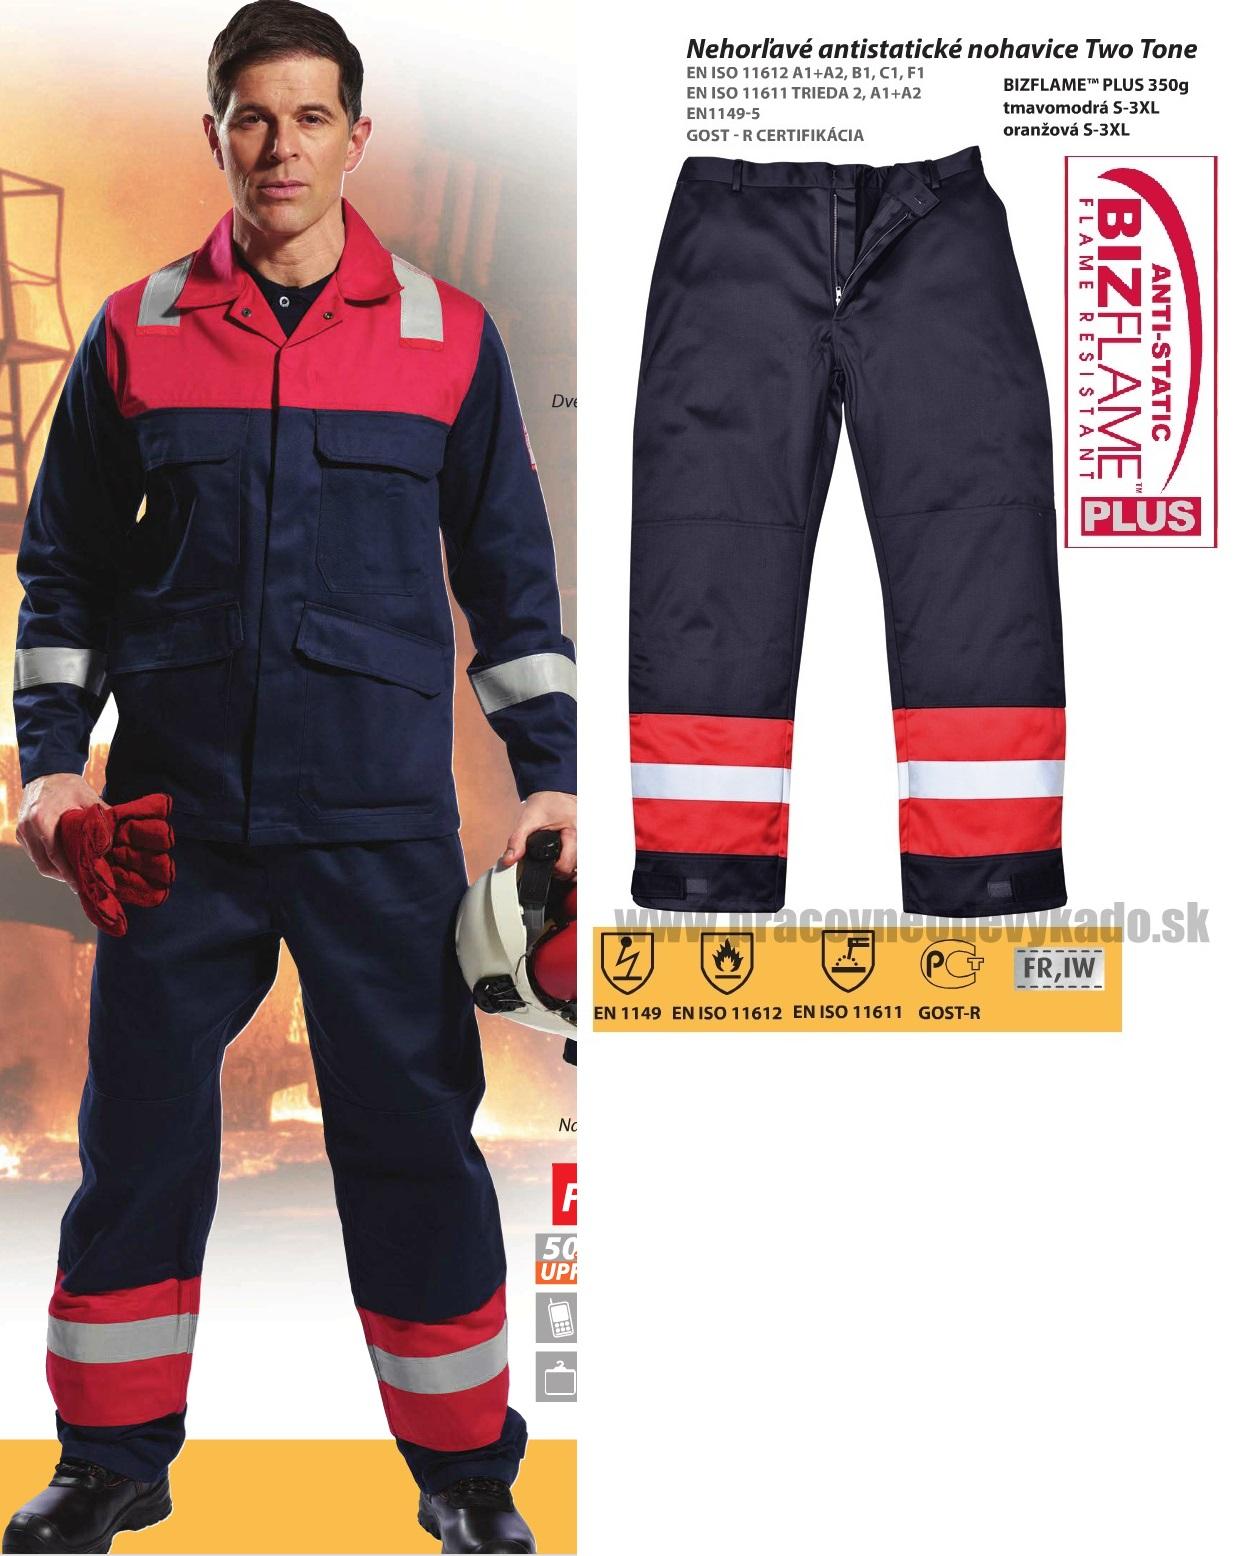 9742c849c Pracovné odevy-Antistatické nohavice FR56 pas s nehorľavou úpravou PORTWEST